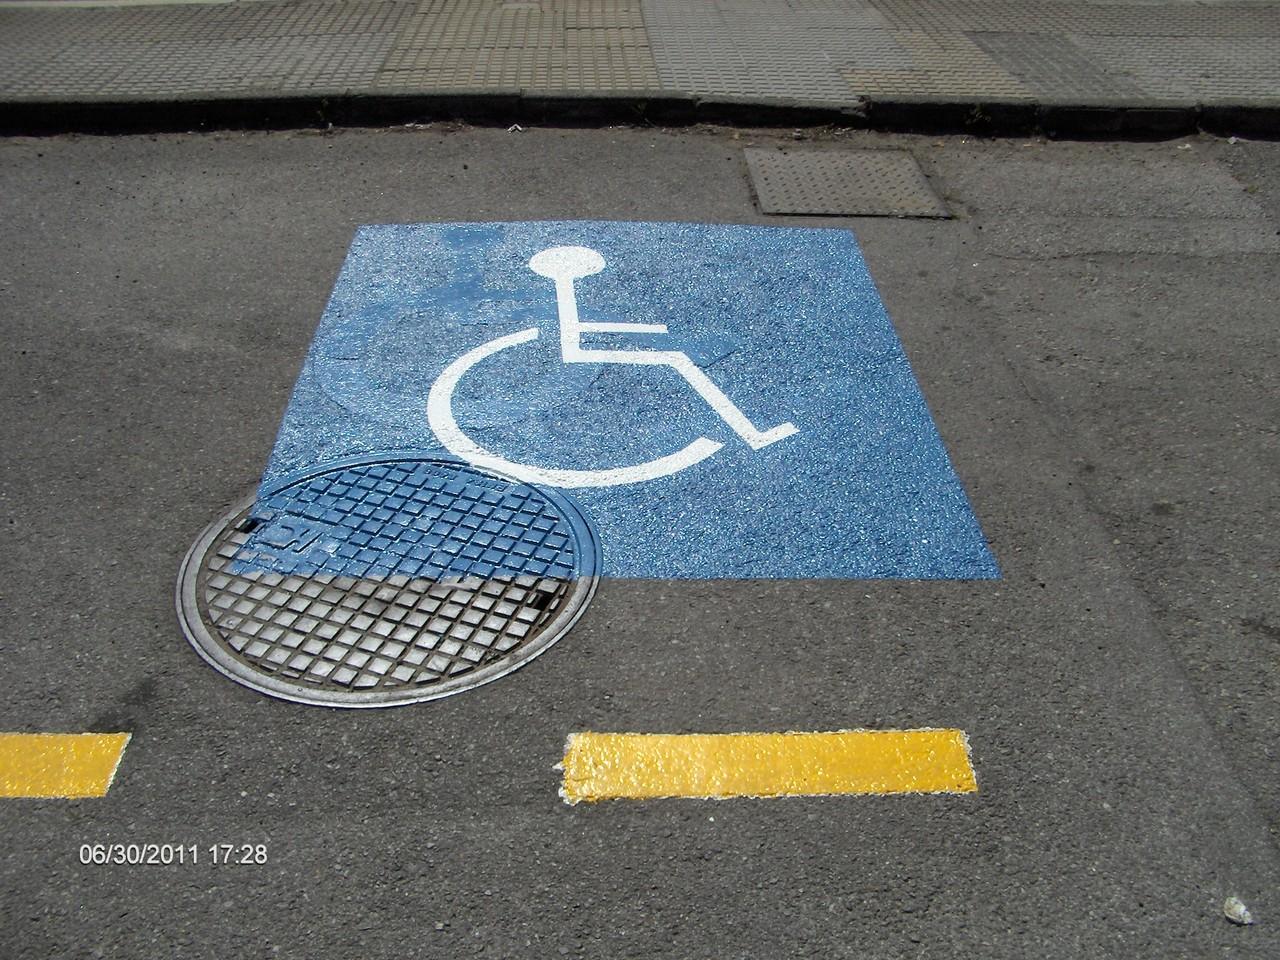 Simbolo Discapacitados